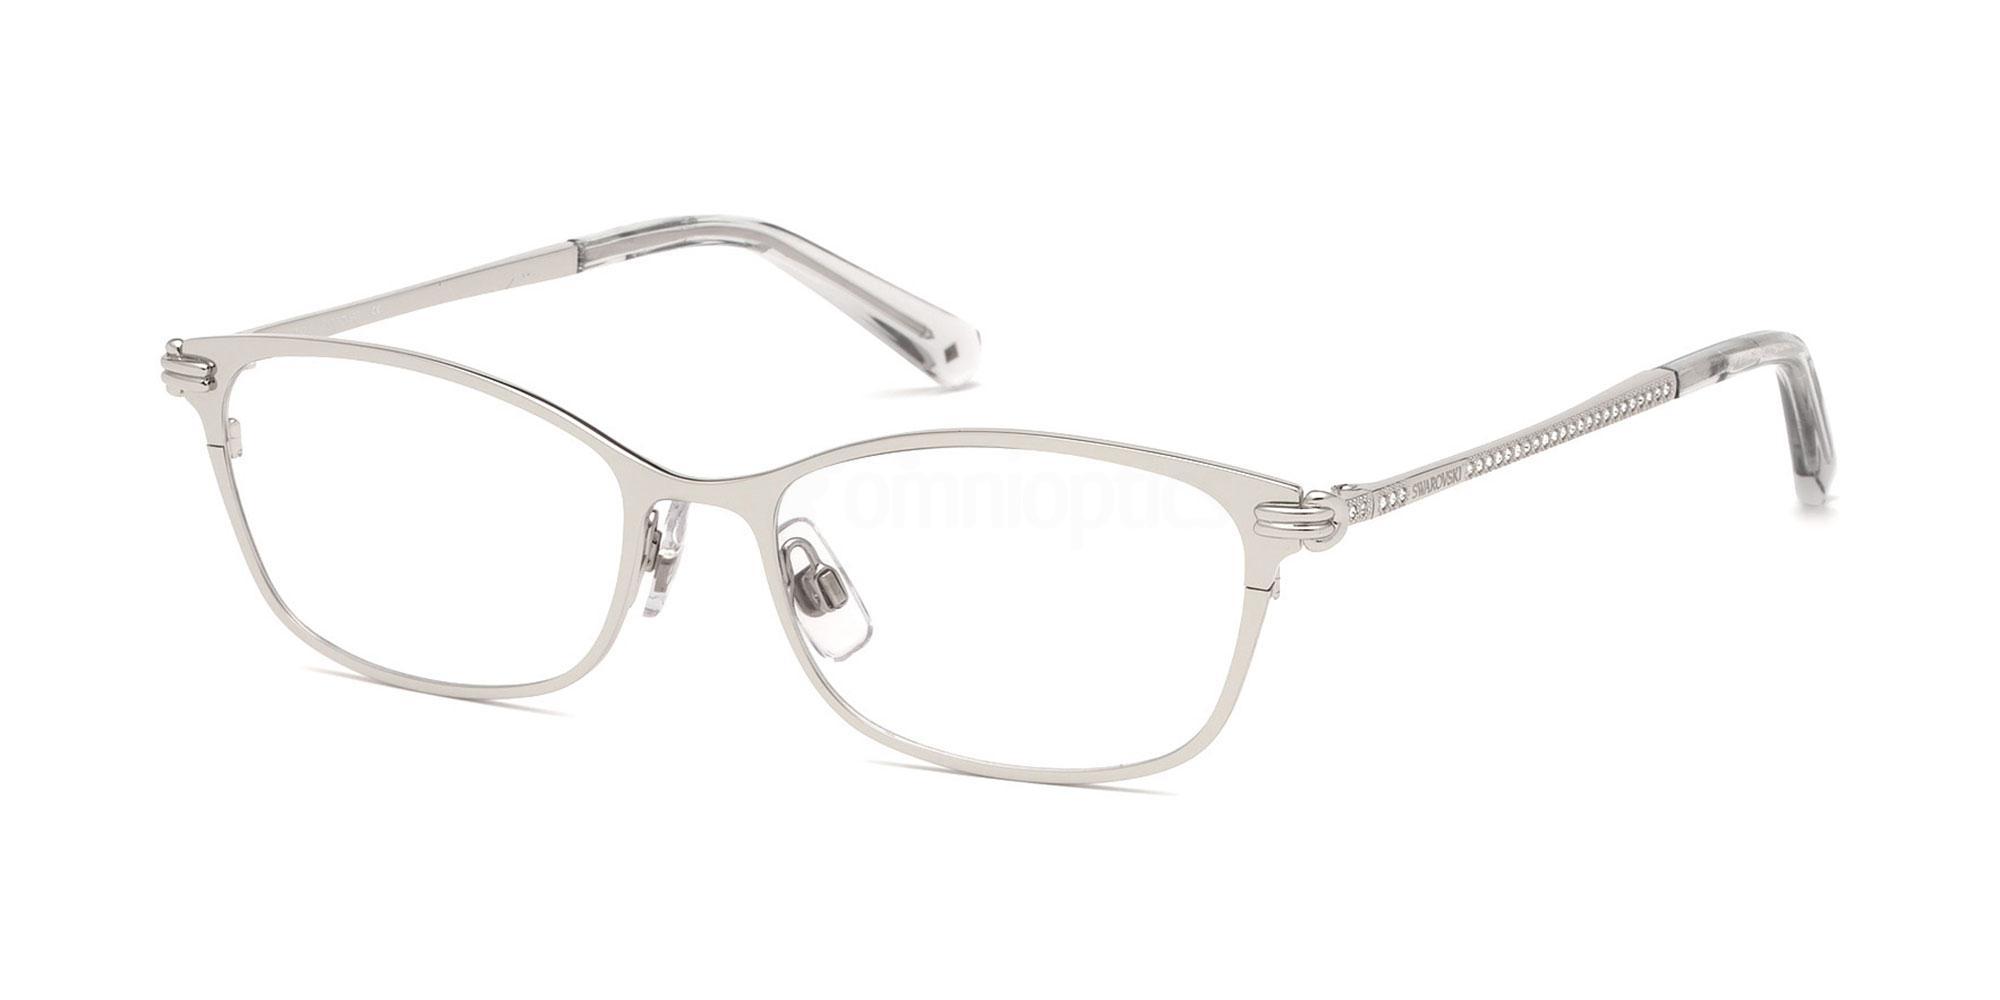 016 SK5318 Glasses, Swarovski